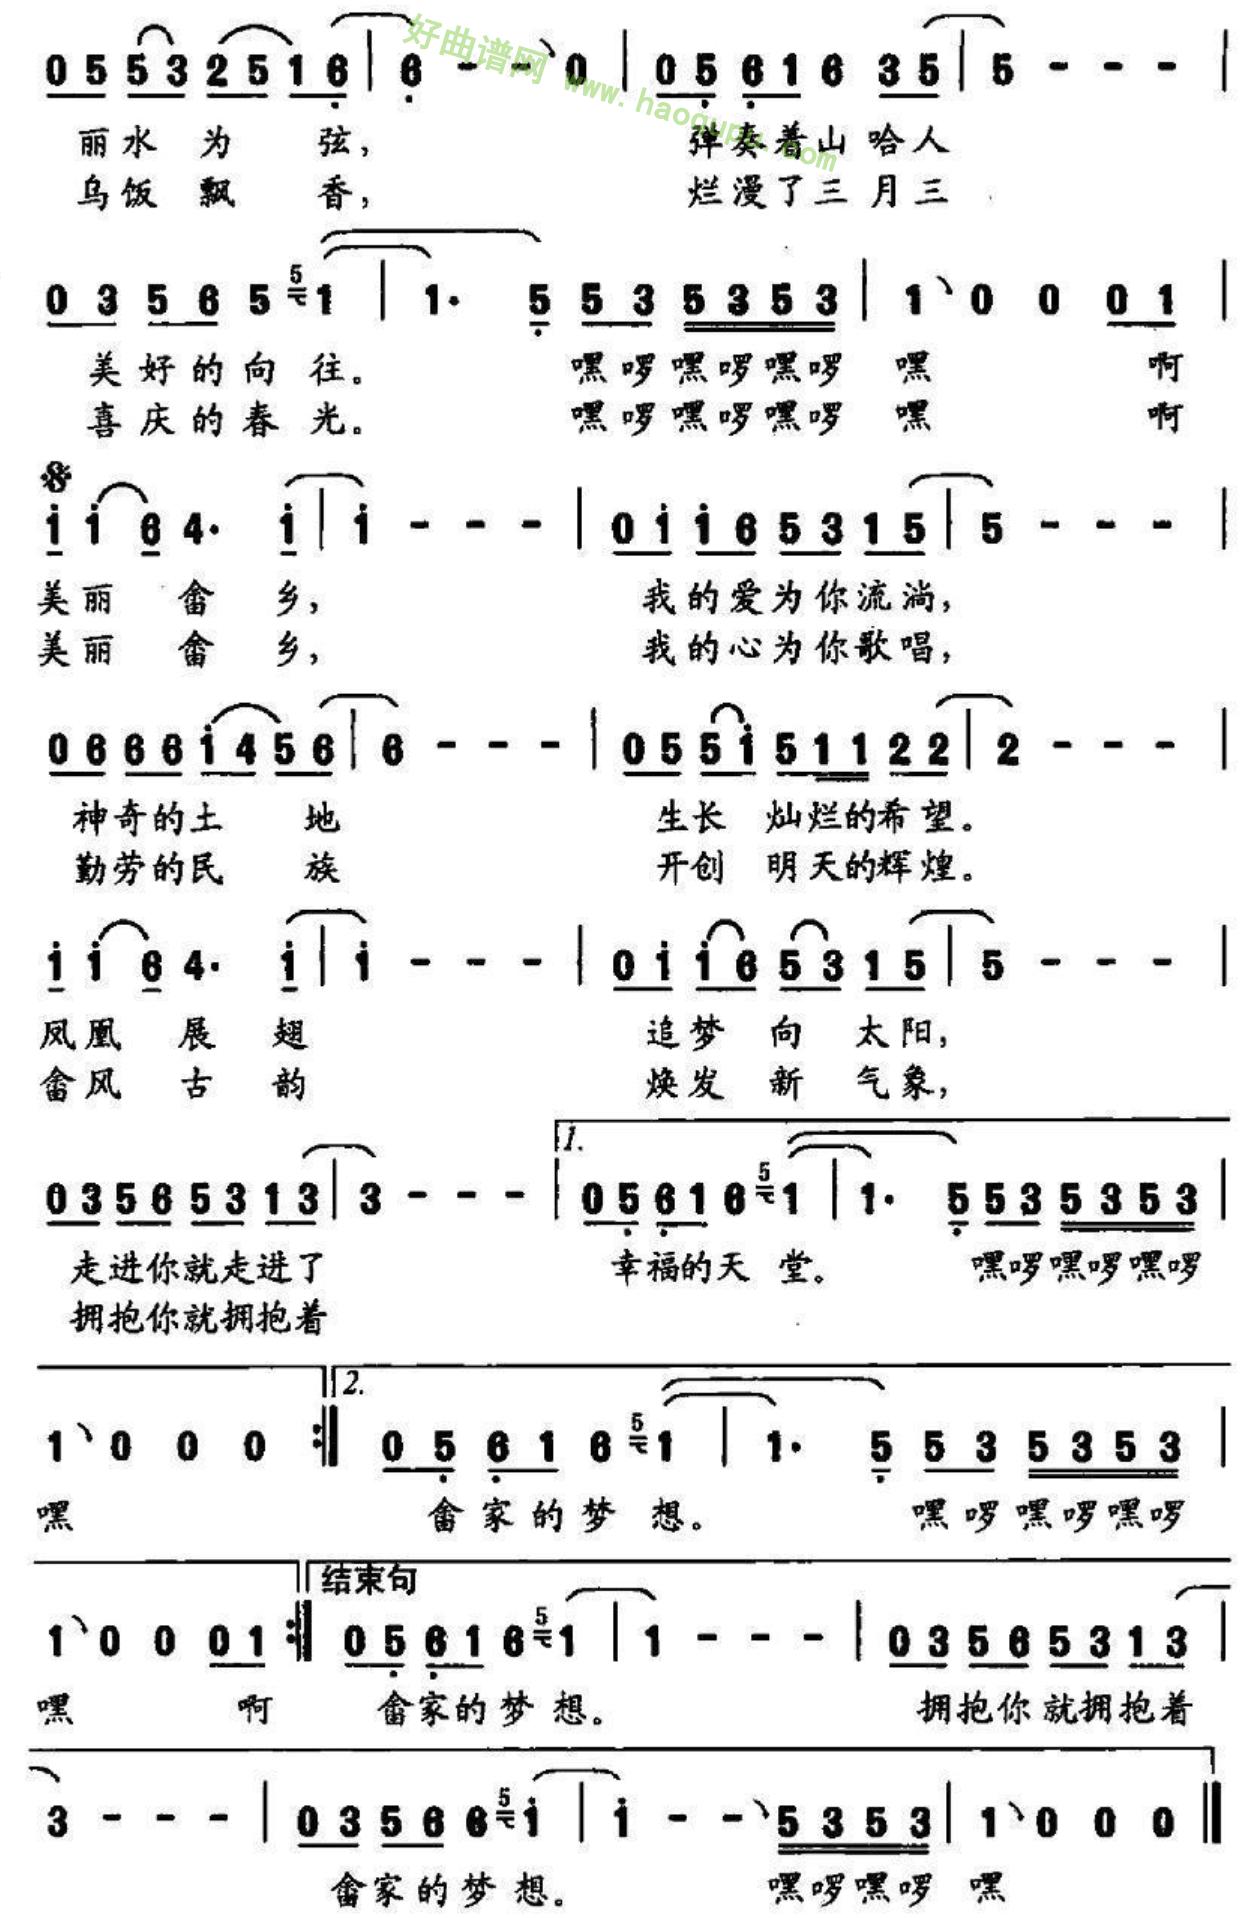 《美丽畲乡》(鲍方词 蒋军荣曲)合唱谱第2张